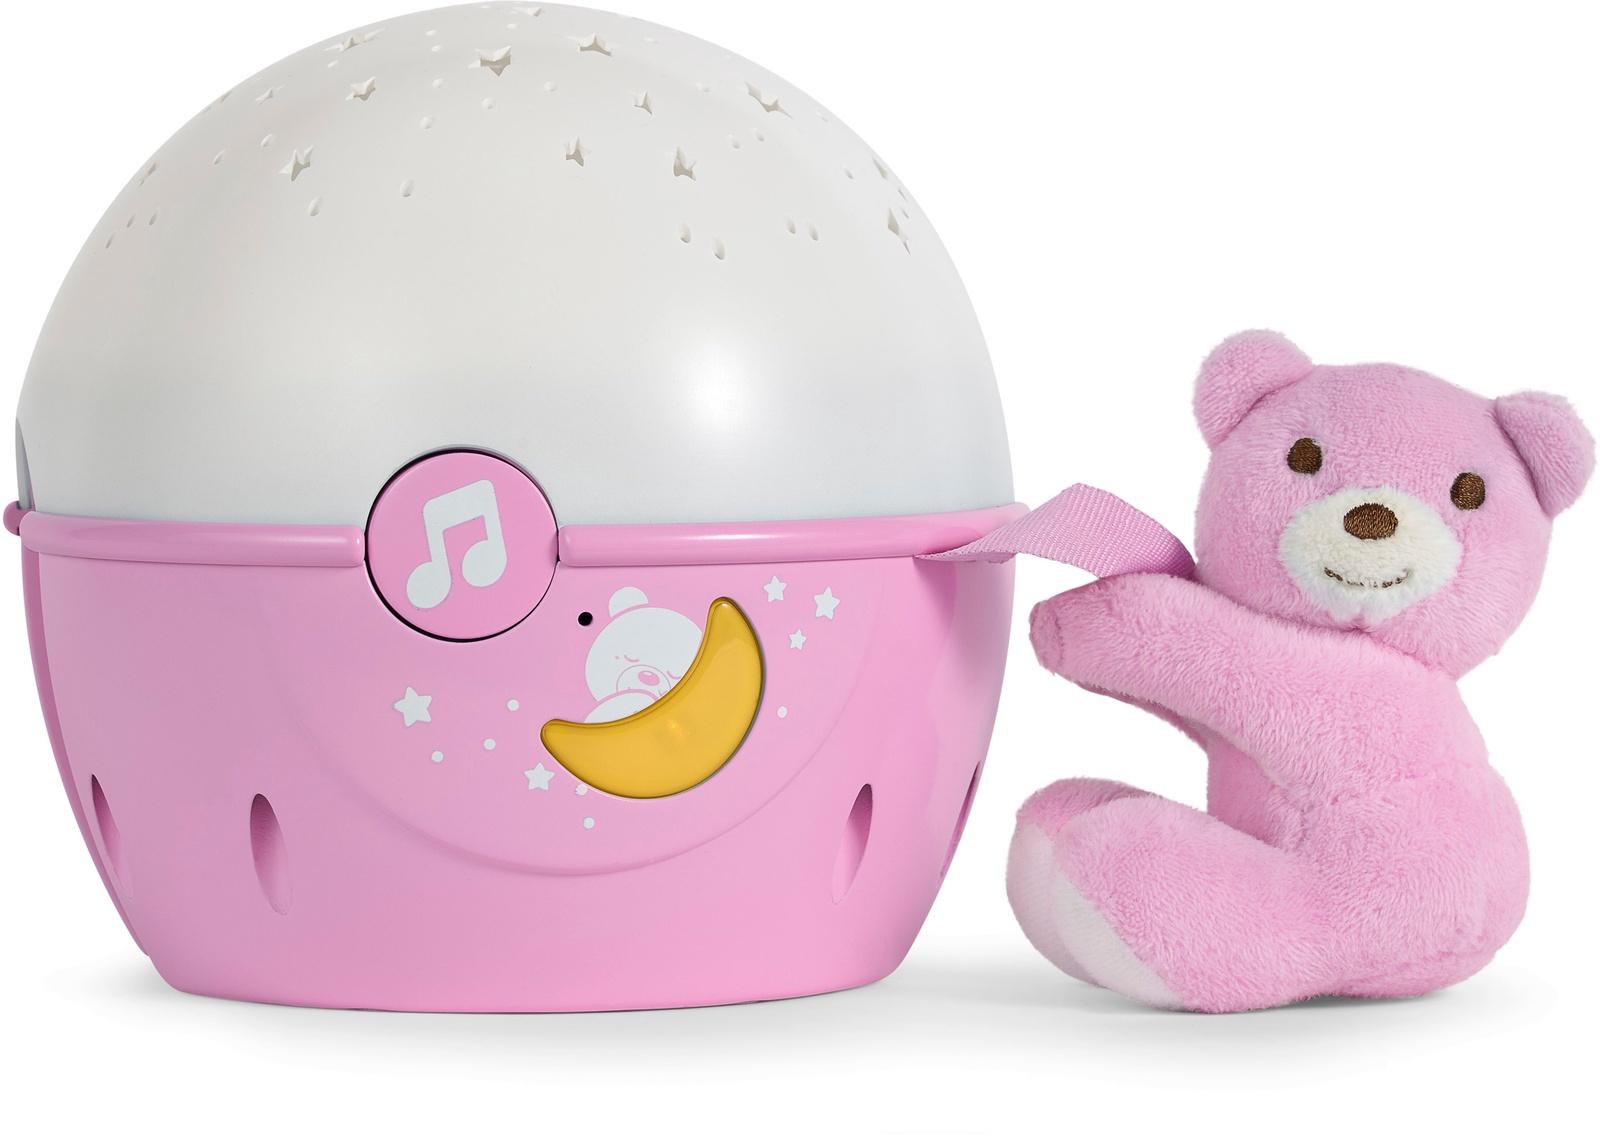 Музыкальная игрушка Chicco 92708 розовый музыкальная подвеска на кроватку chicco чико спокойной ночи цвет розовый